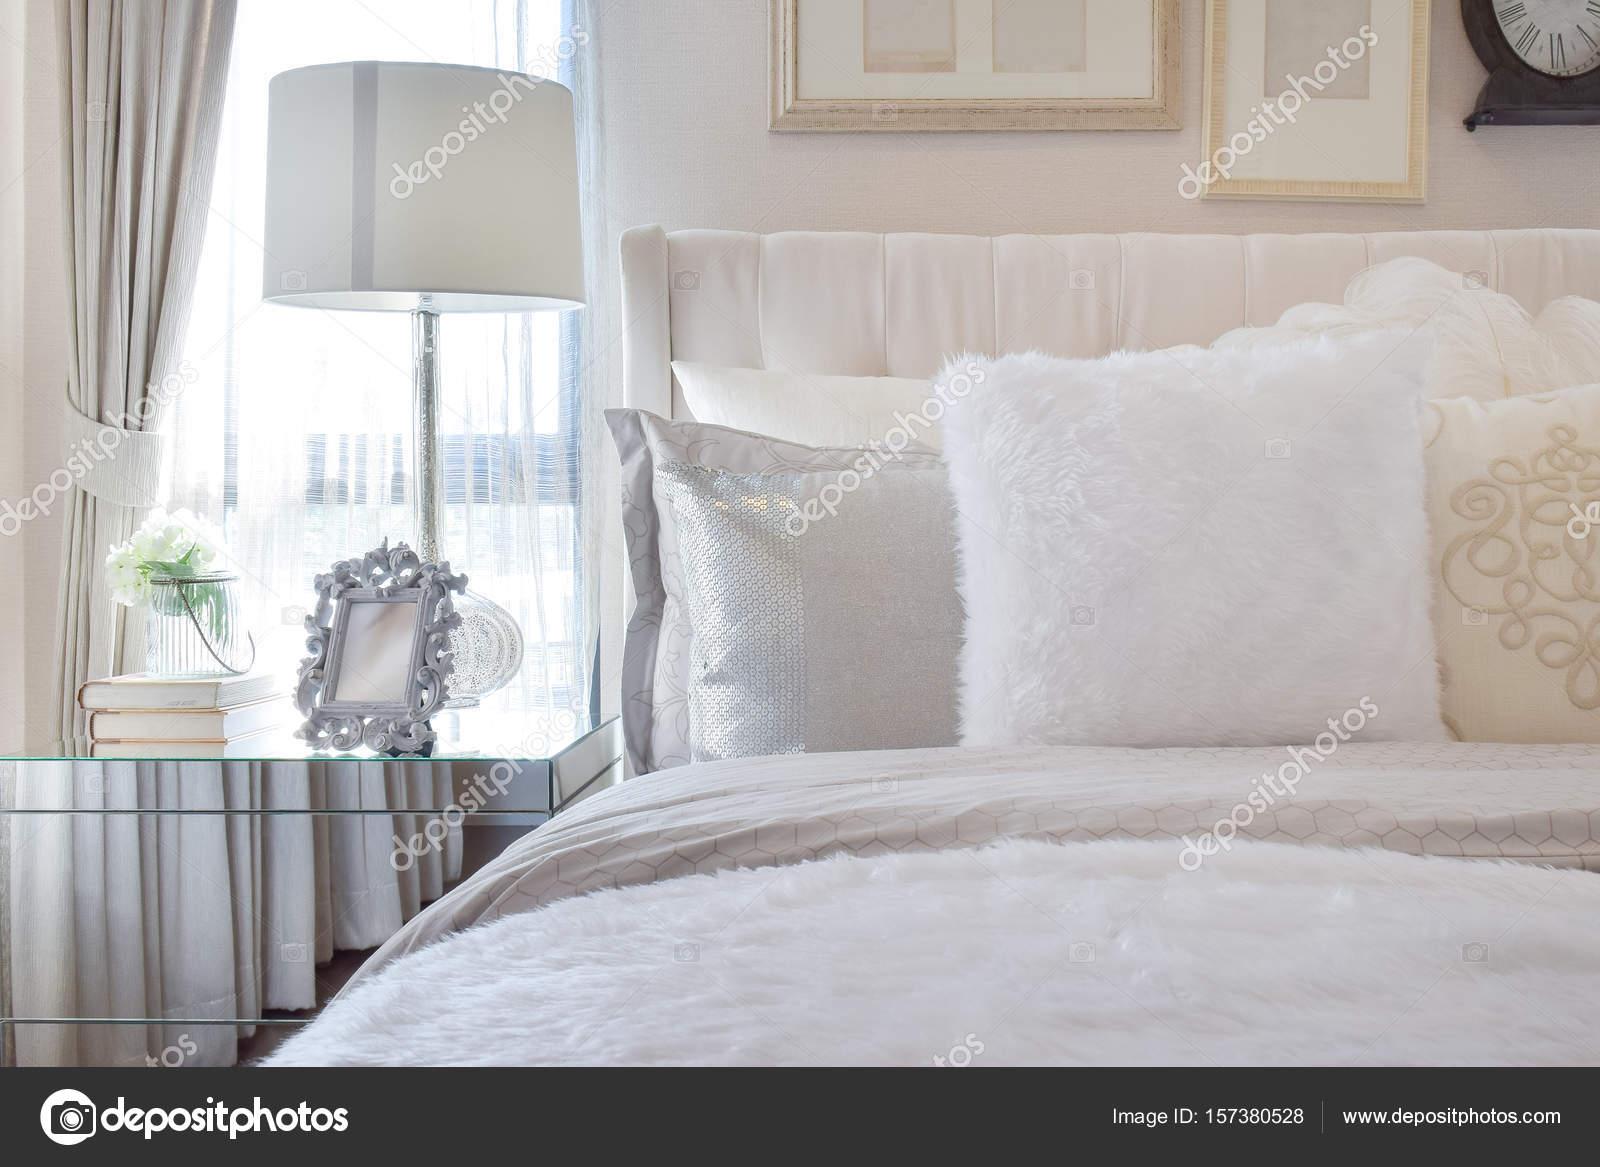 Glas In Slaapkamer : Dubbel glas in de slaapkamer voordemakers